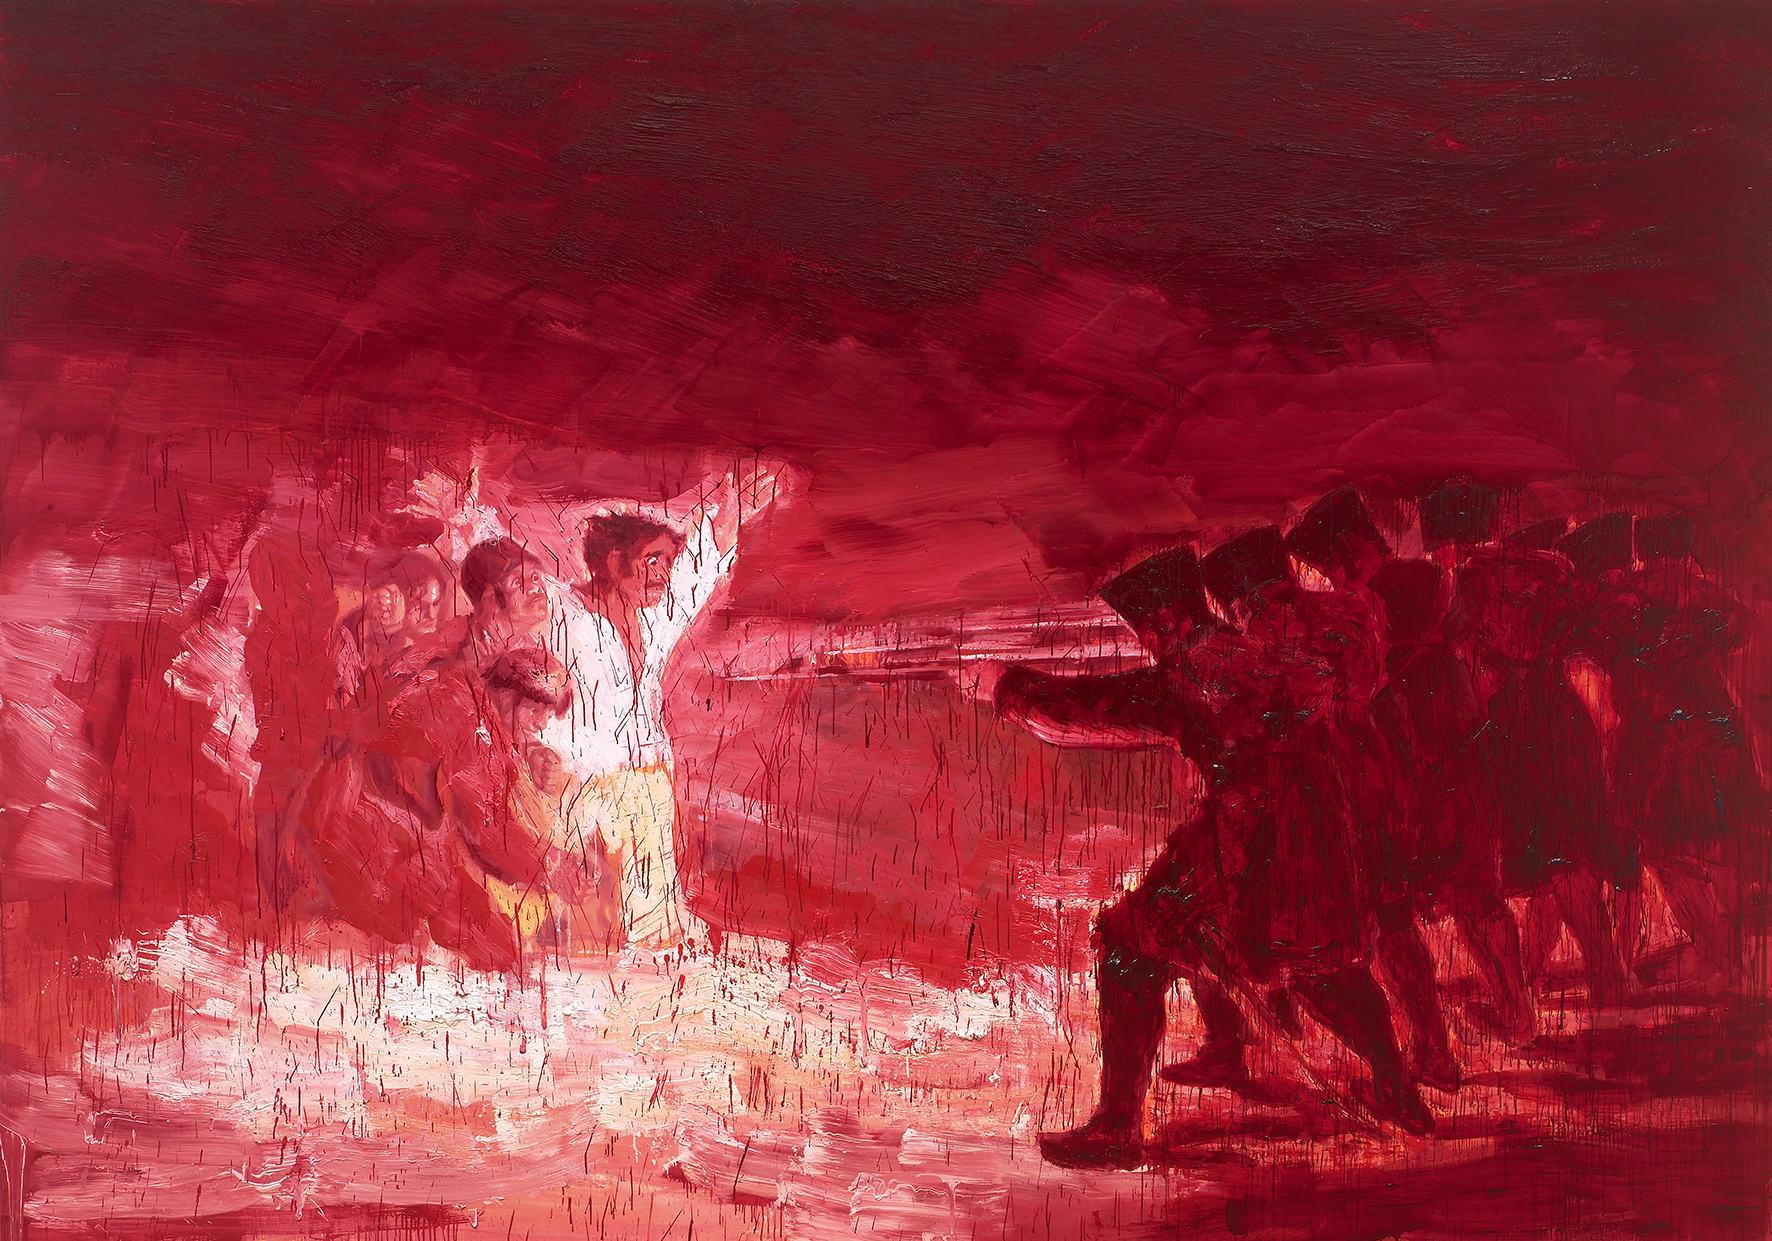 Exécution, après Goya, huile sur toile (280 x 400 cm)